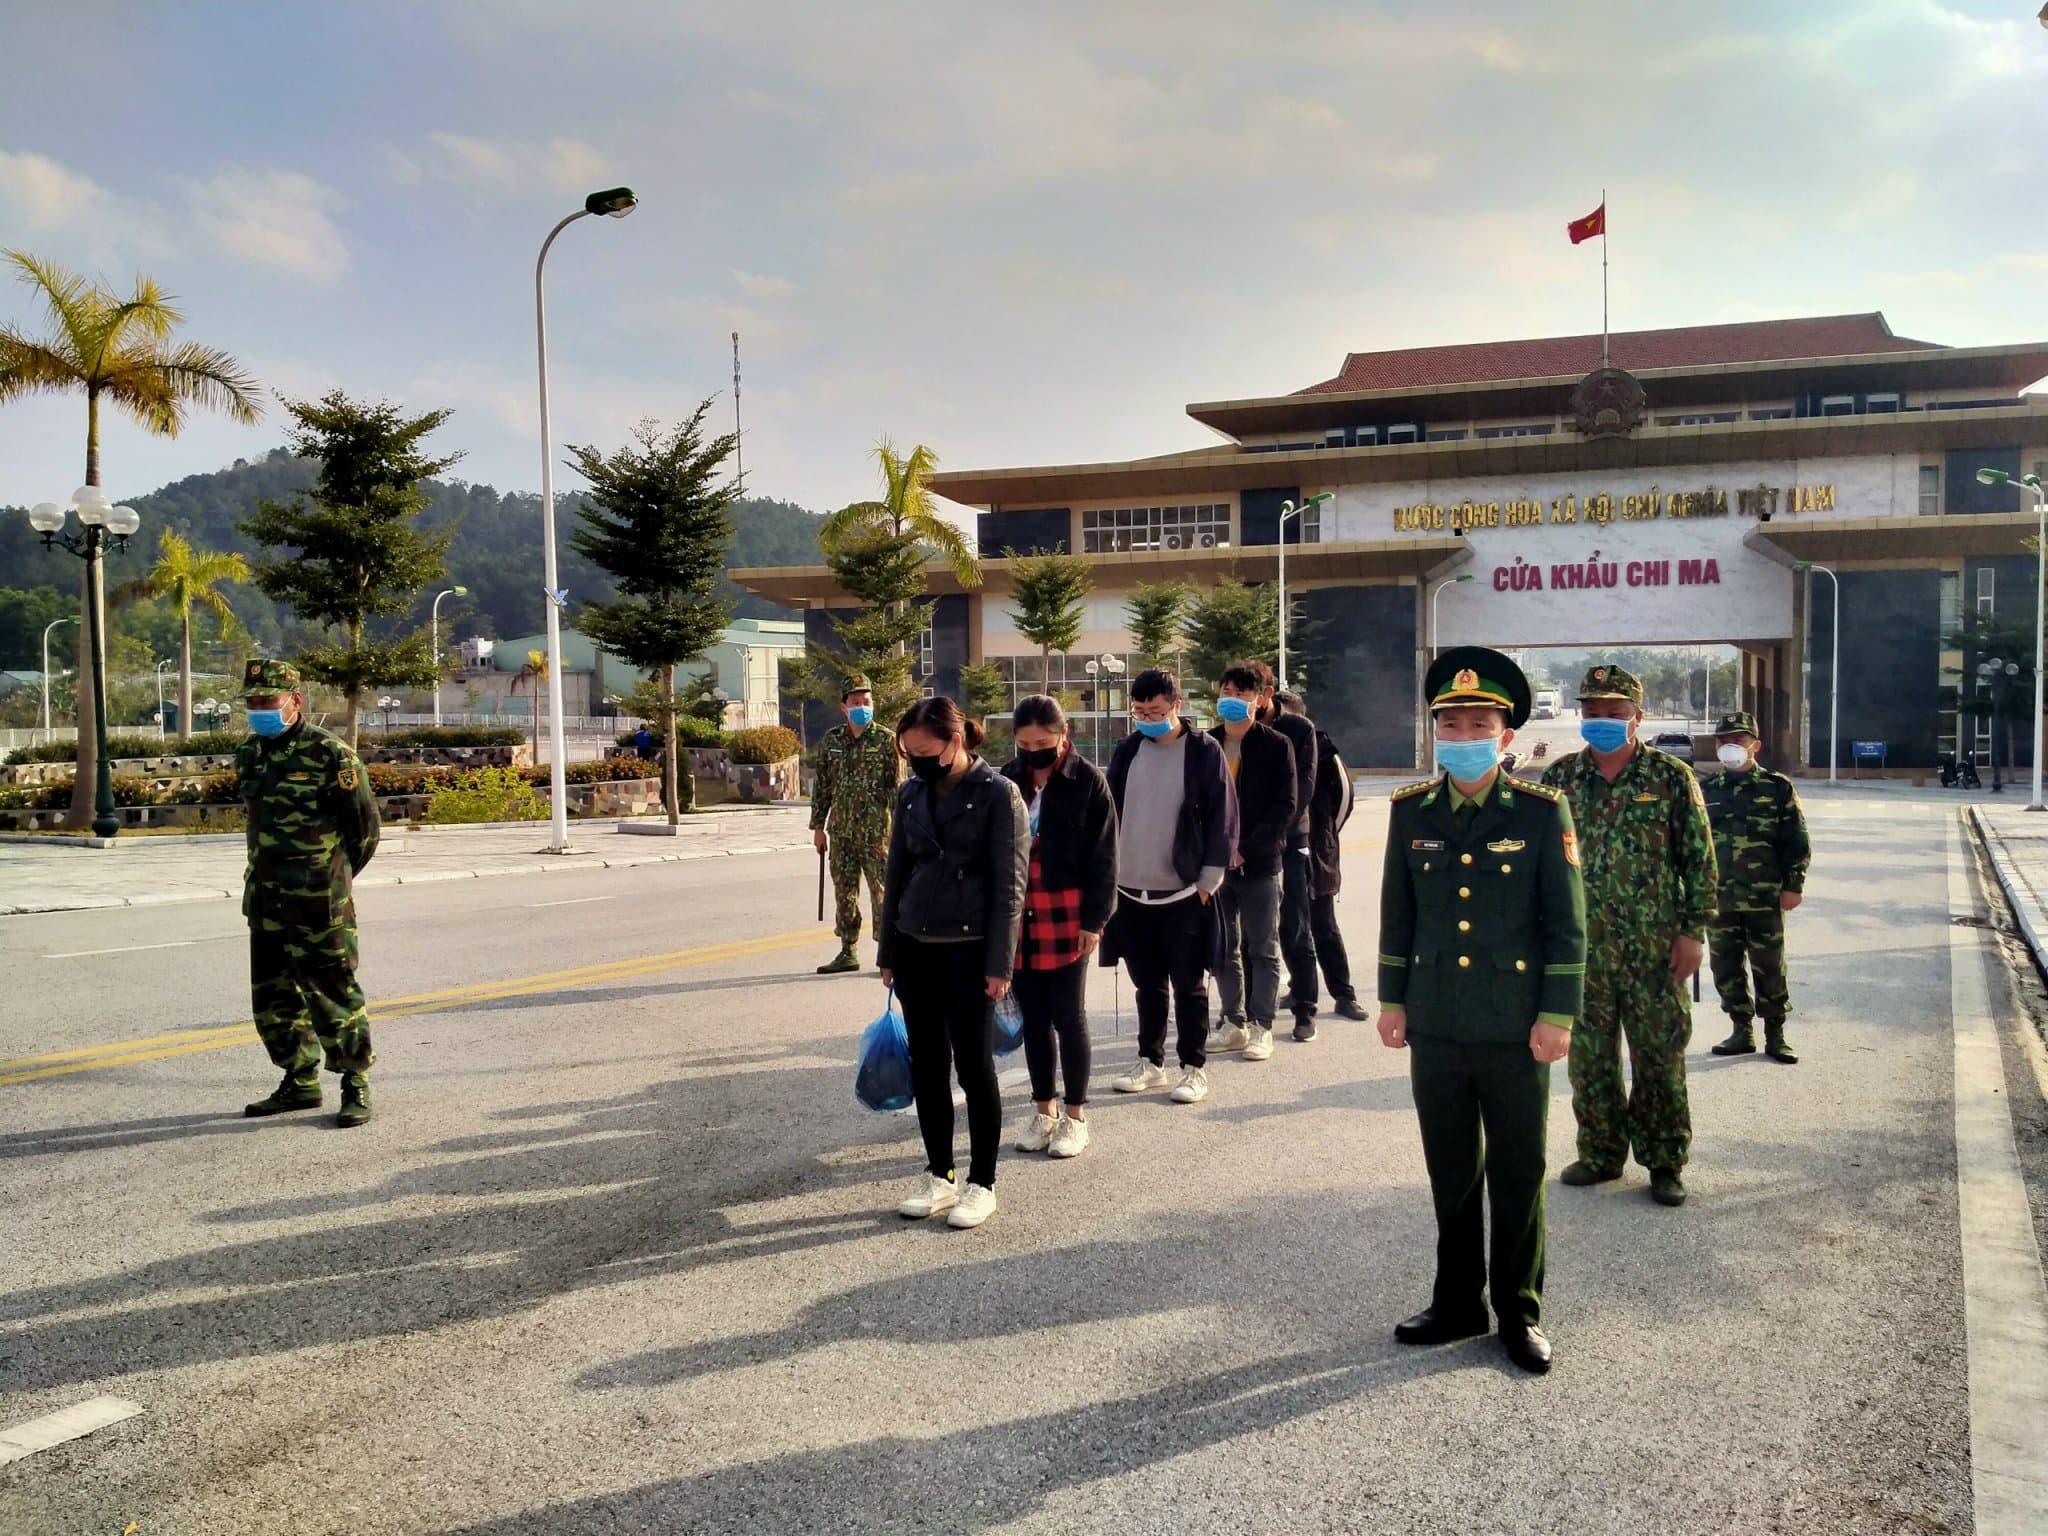 Lực lượng chức năng 2 nước (Việt Nam và Trung Quốc) trao trả người nhập cảnh trái phép.